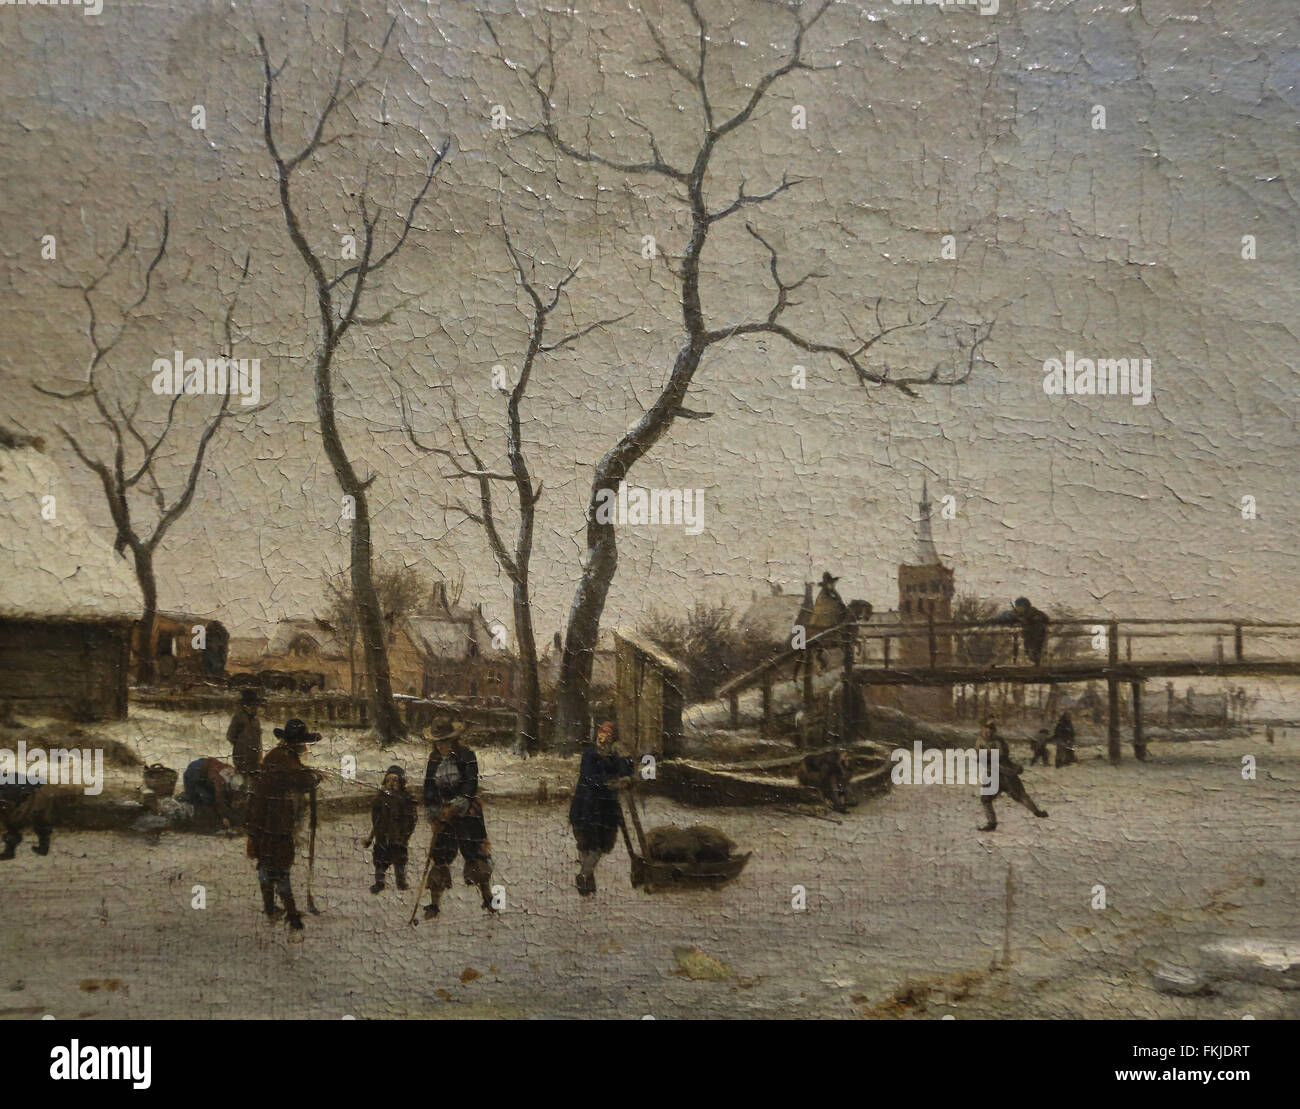 Adriaen van de Velde (1636-1672). Congelati Canal con pattinatori e giocatori di hockey. 1668. Olio su tela. Il Immagini Stock